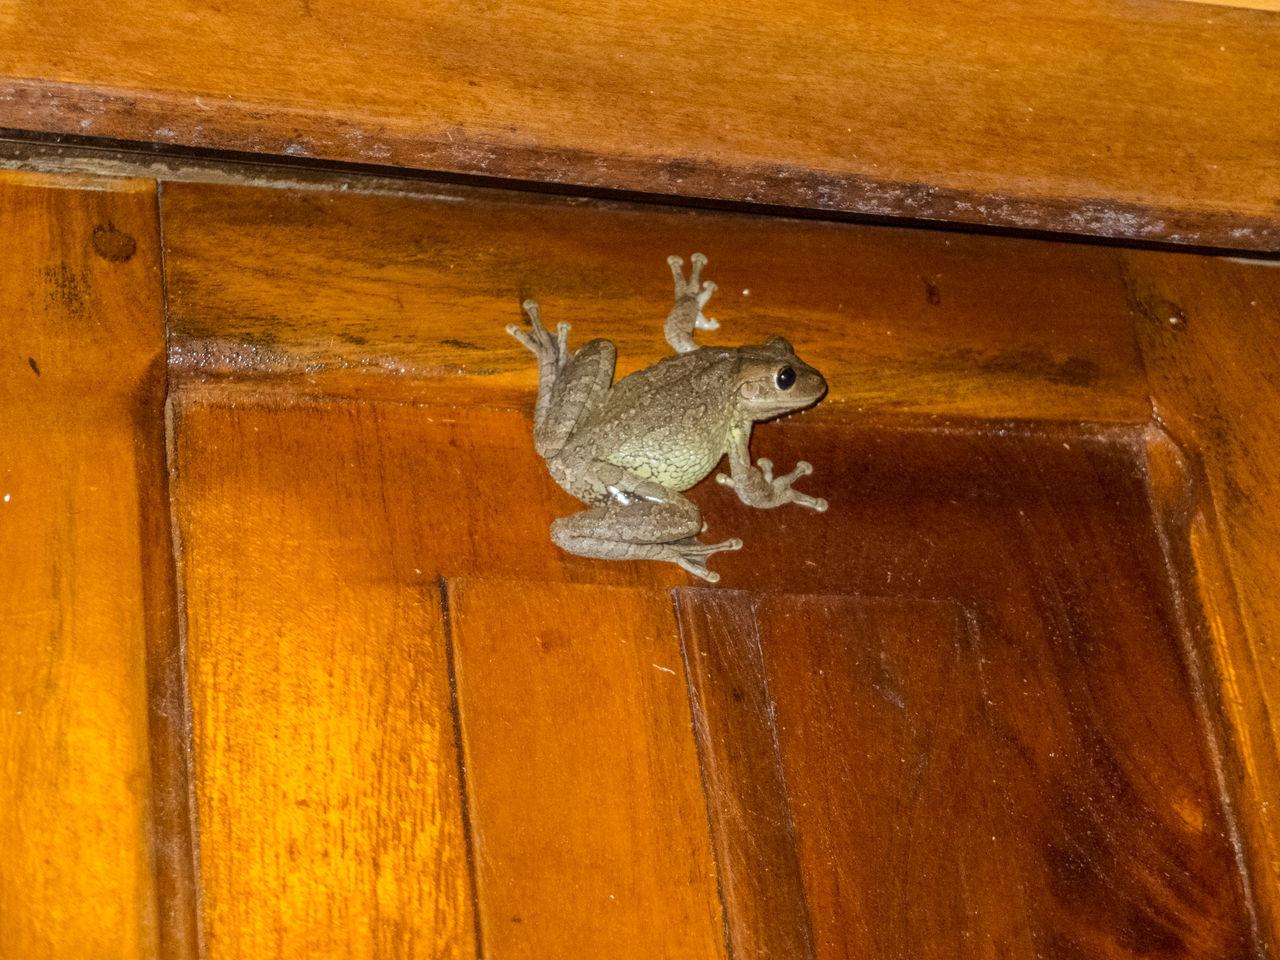 Frog on varnished wooden surface